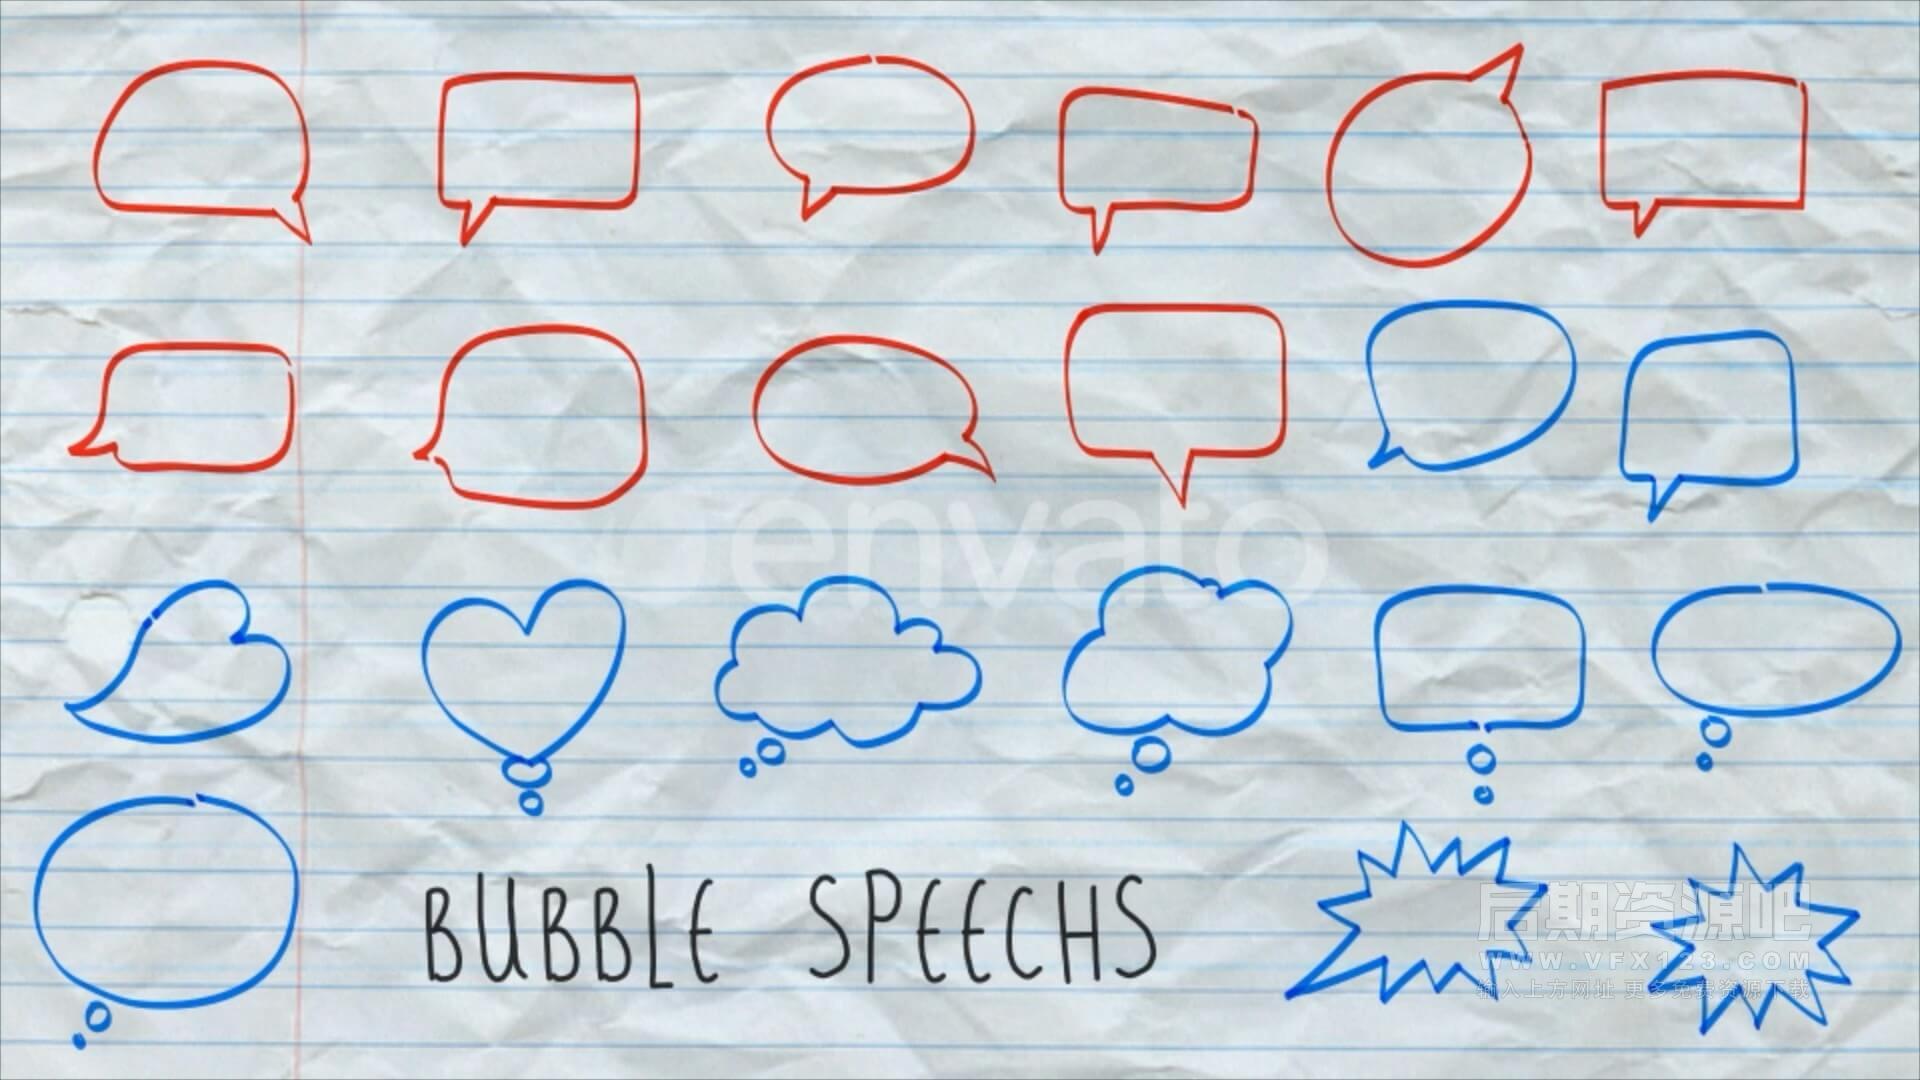 146个手绘草图字幕箭头圆圈线条形状气泡等动画素材 Sketch Elements